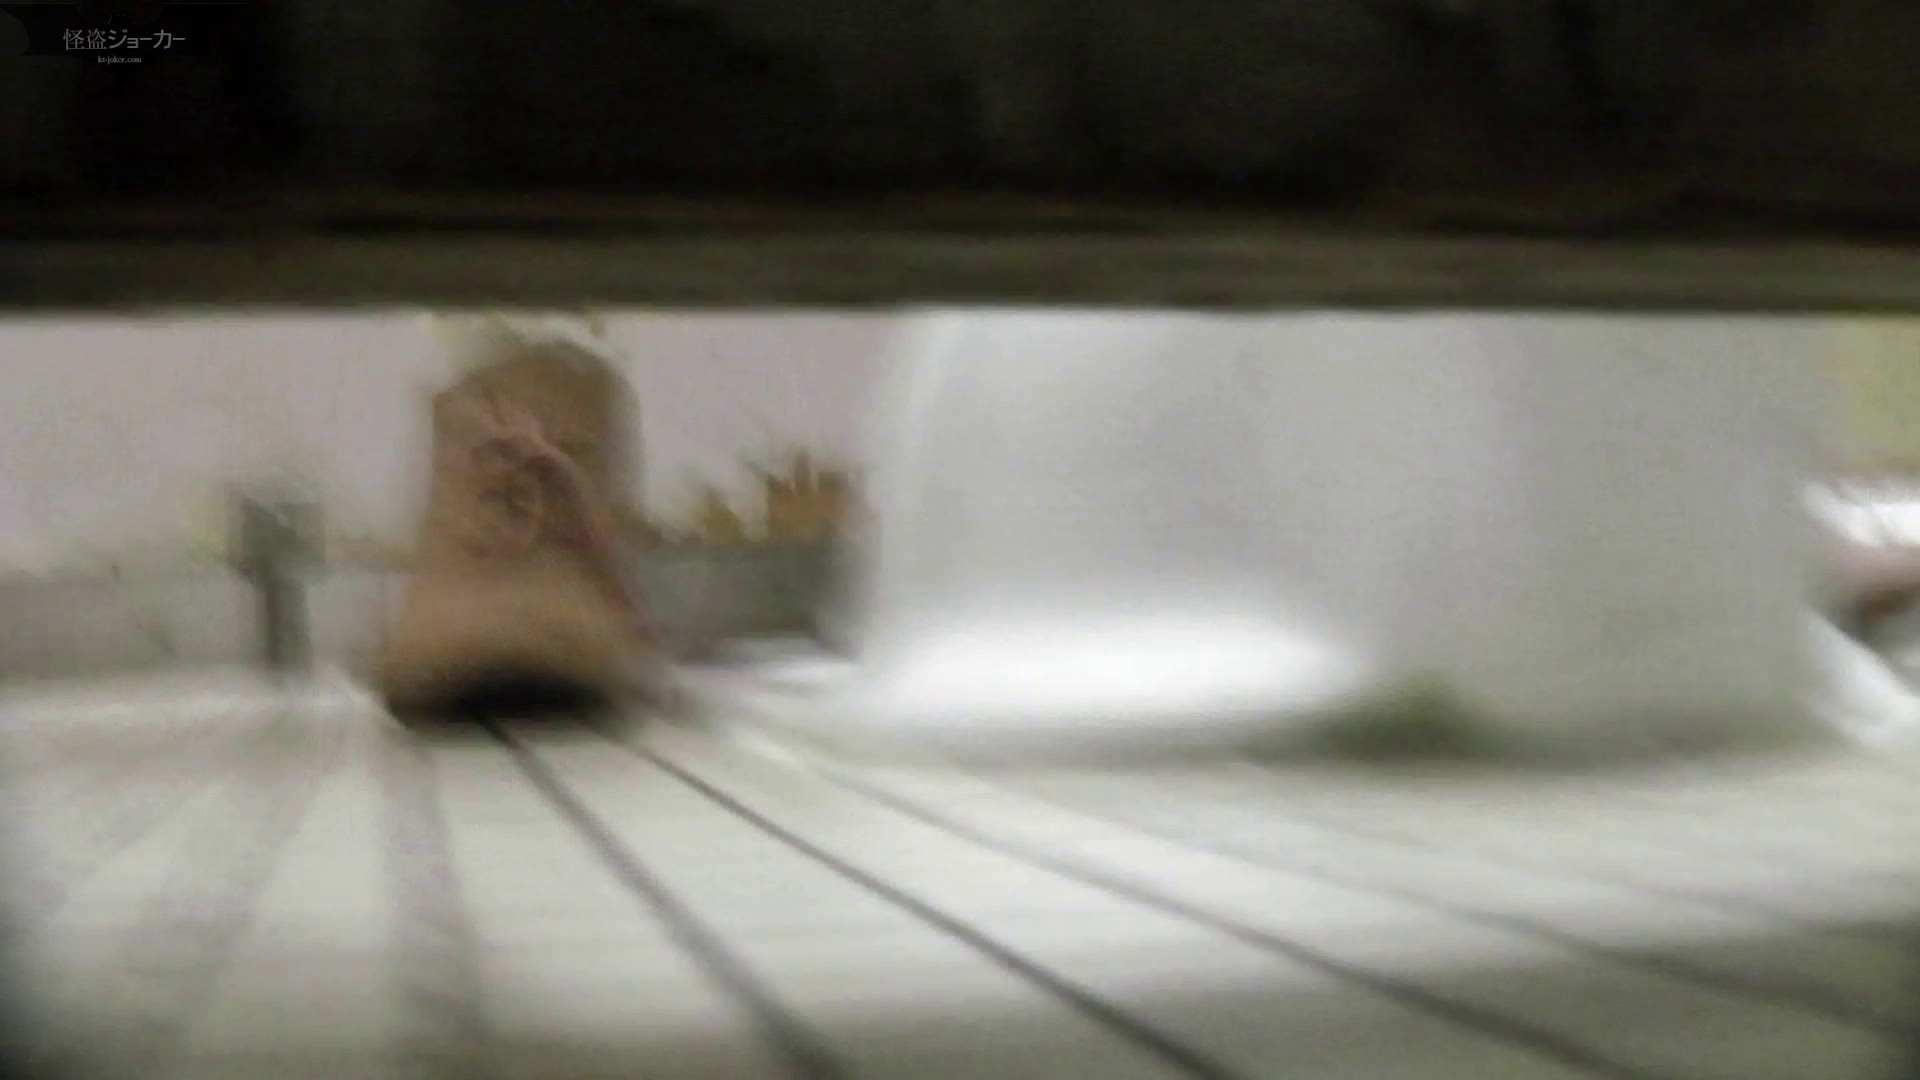 【美しき個室な世界】洗面所特攻隊 vol.046 更に進化【2015・07位】 ギャル達 オマンコ動画キャプチャ 96枚 14